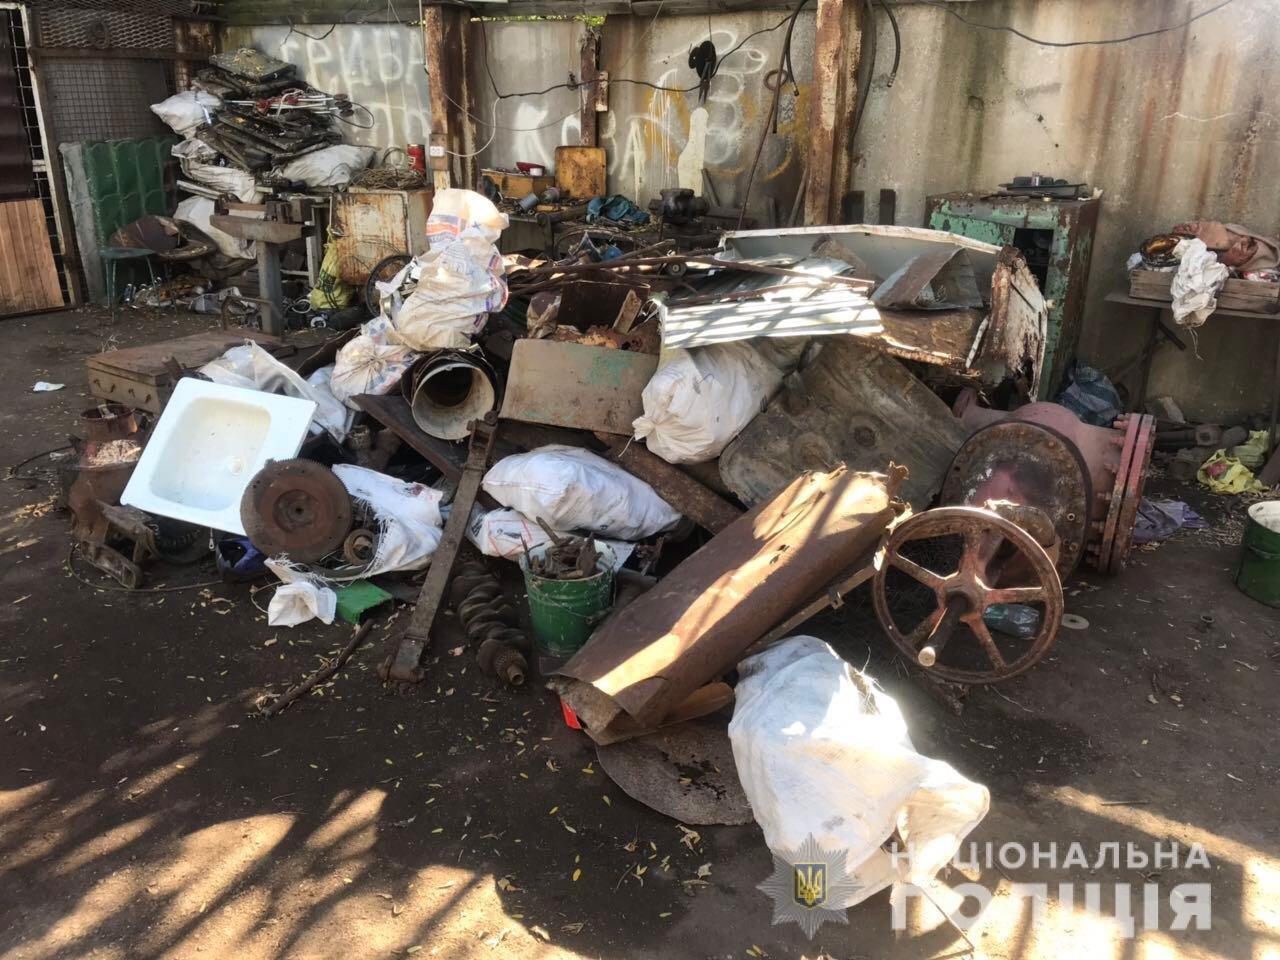 В Акимовке обнаружили незаконный пункт приема металлолома, - ФОТО, фото-5